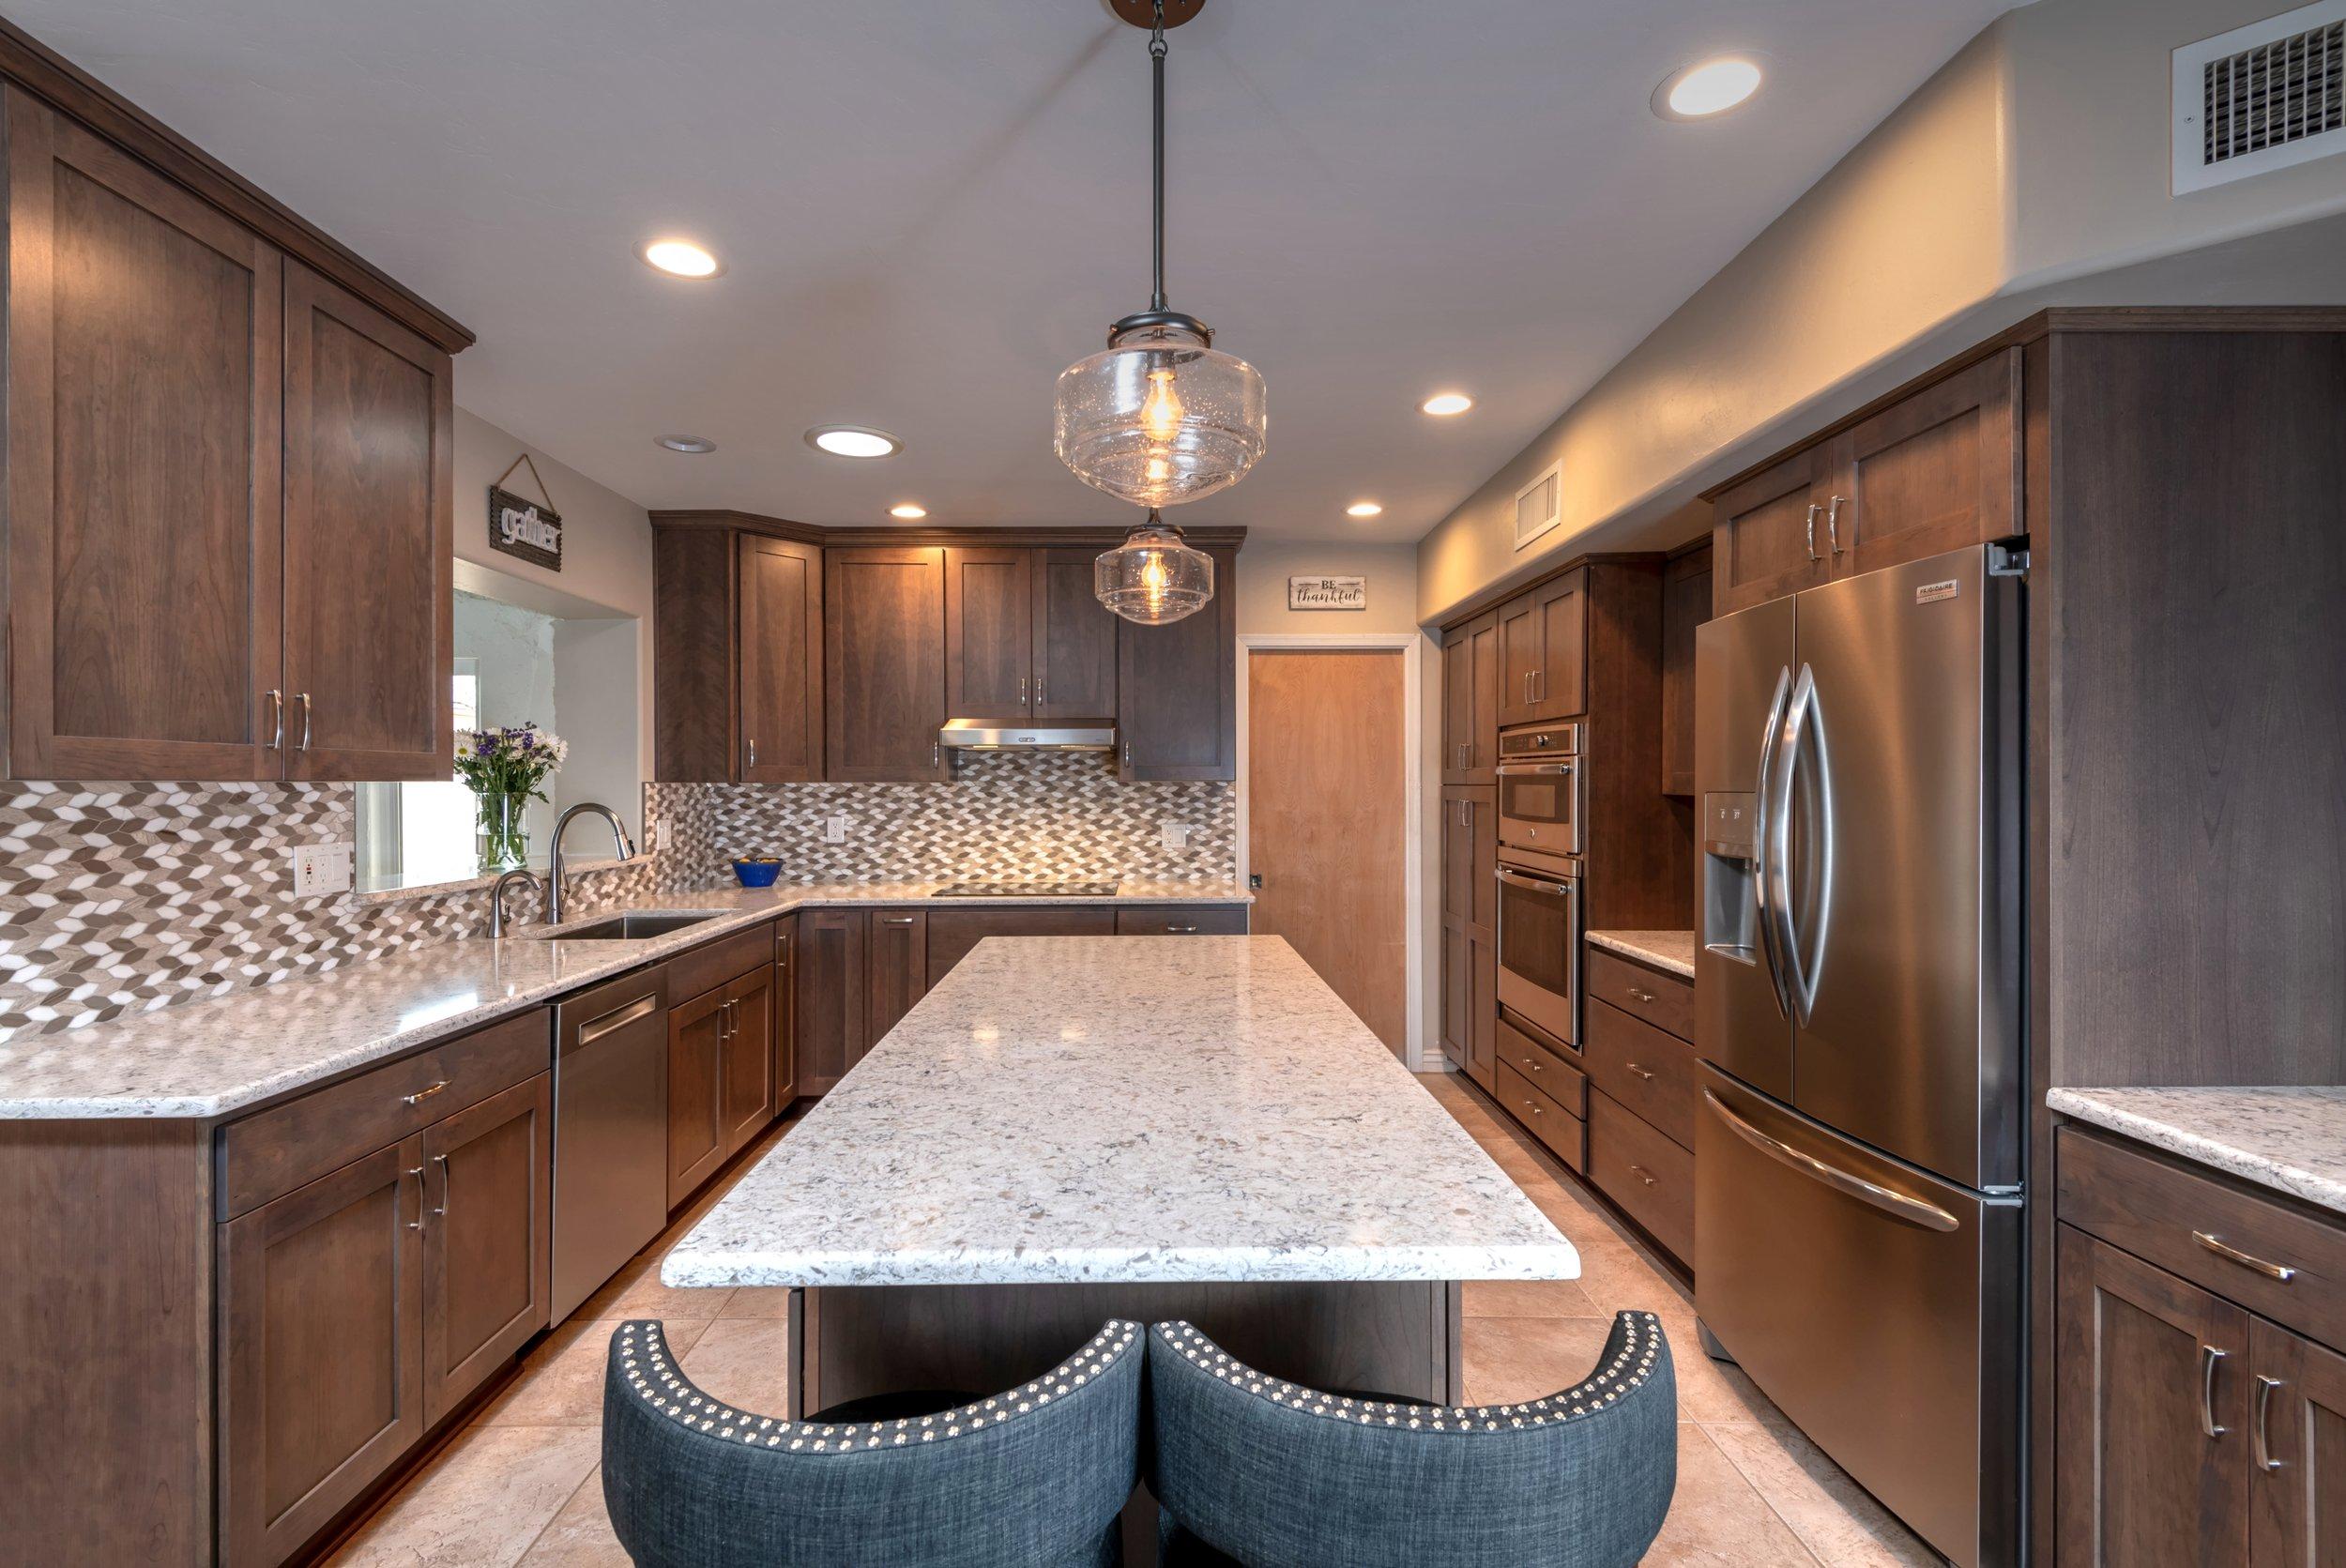 kitchen-concepts-feb-3.jpg